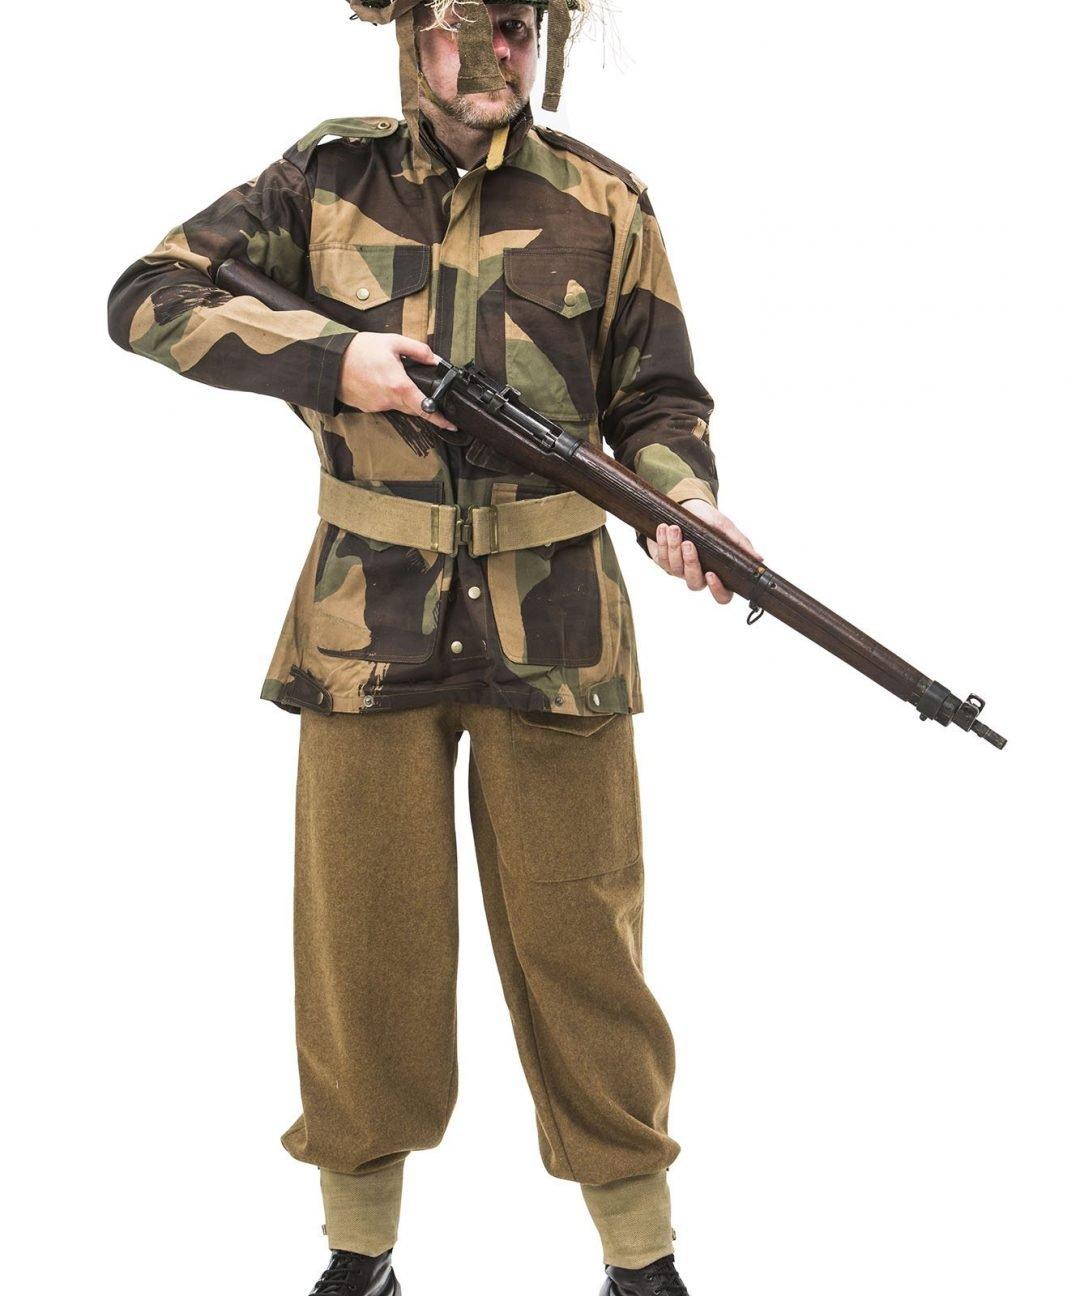 WW2 British Army Sniper Uniform